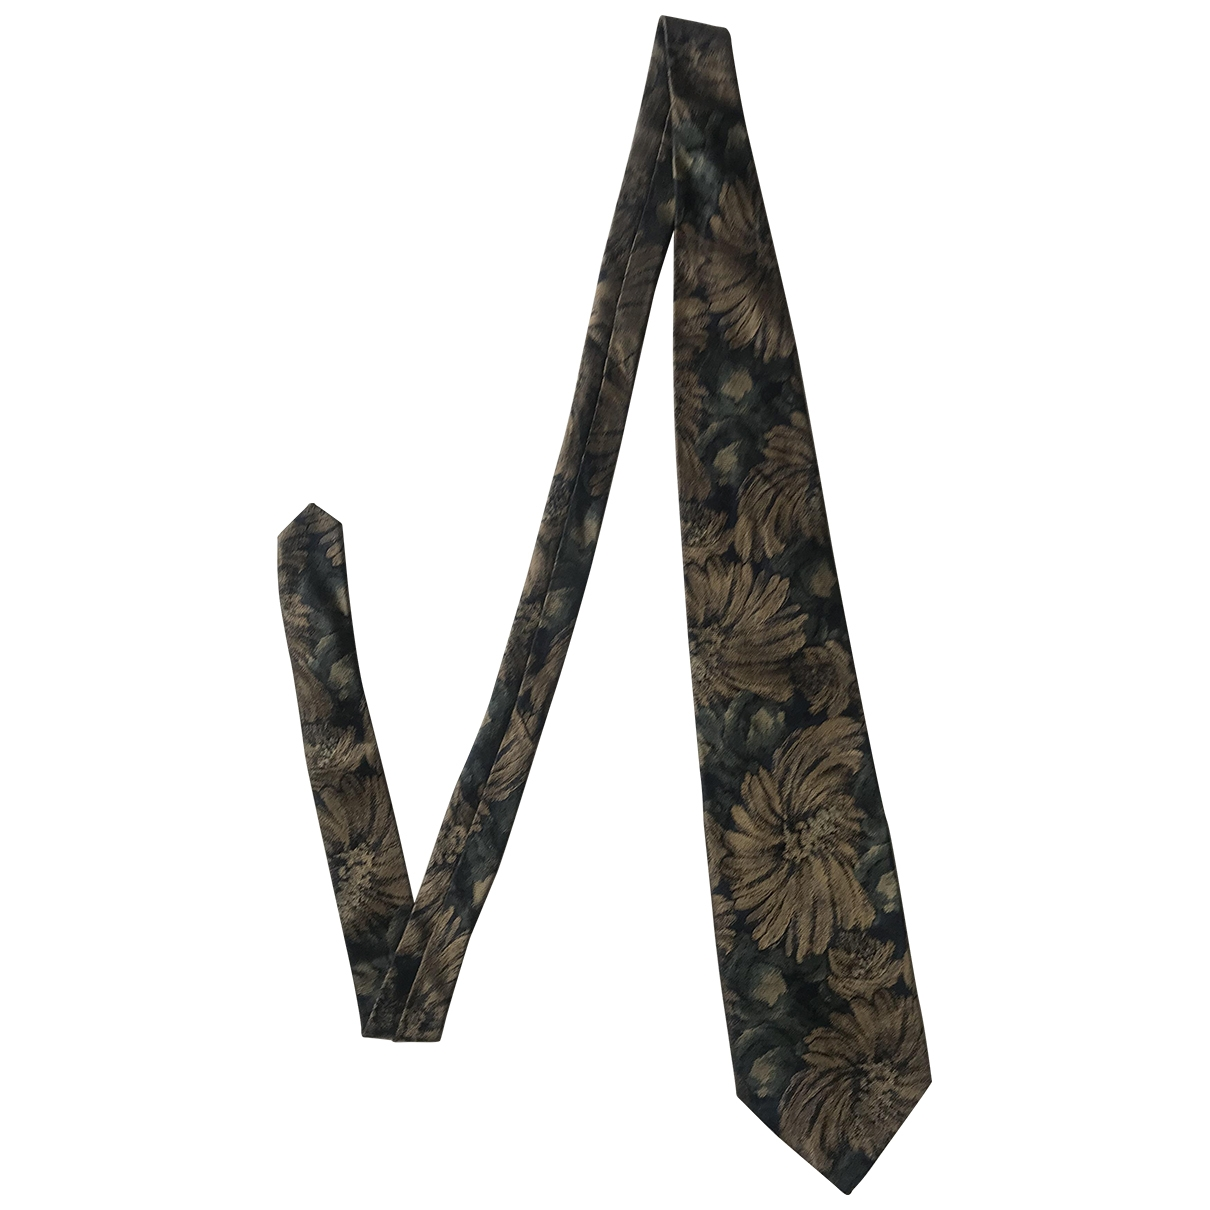 Corbata de Cachemira Moschino